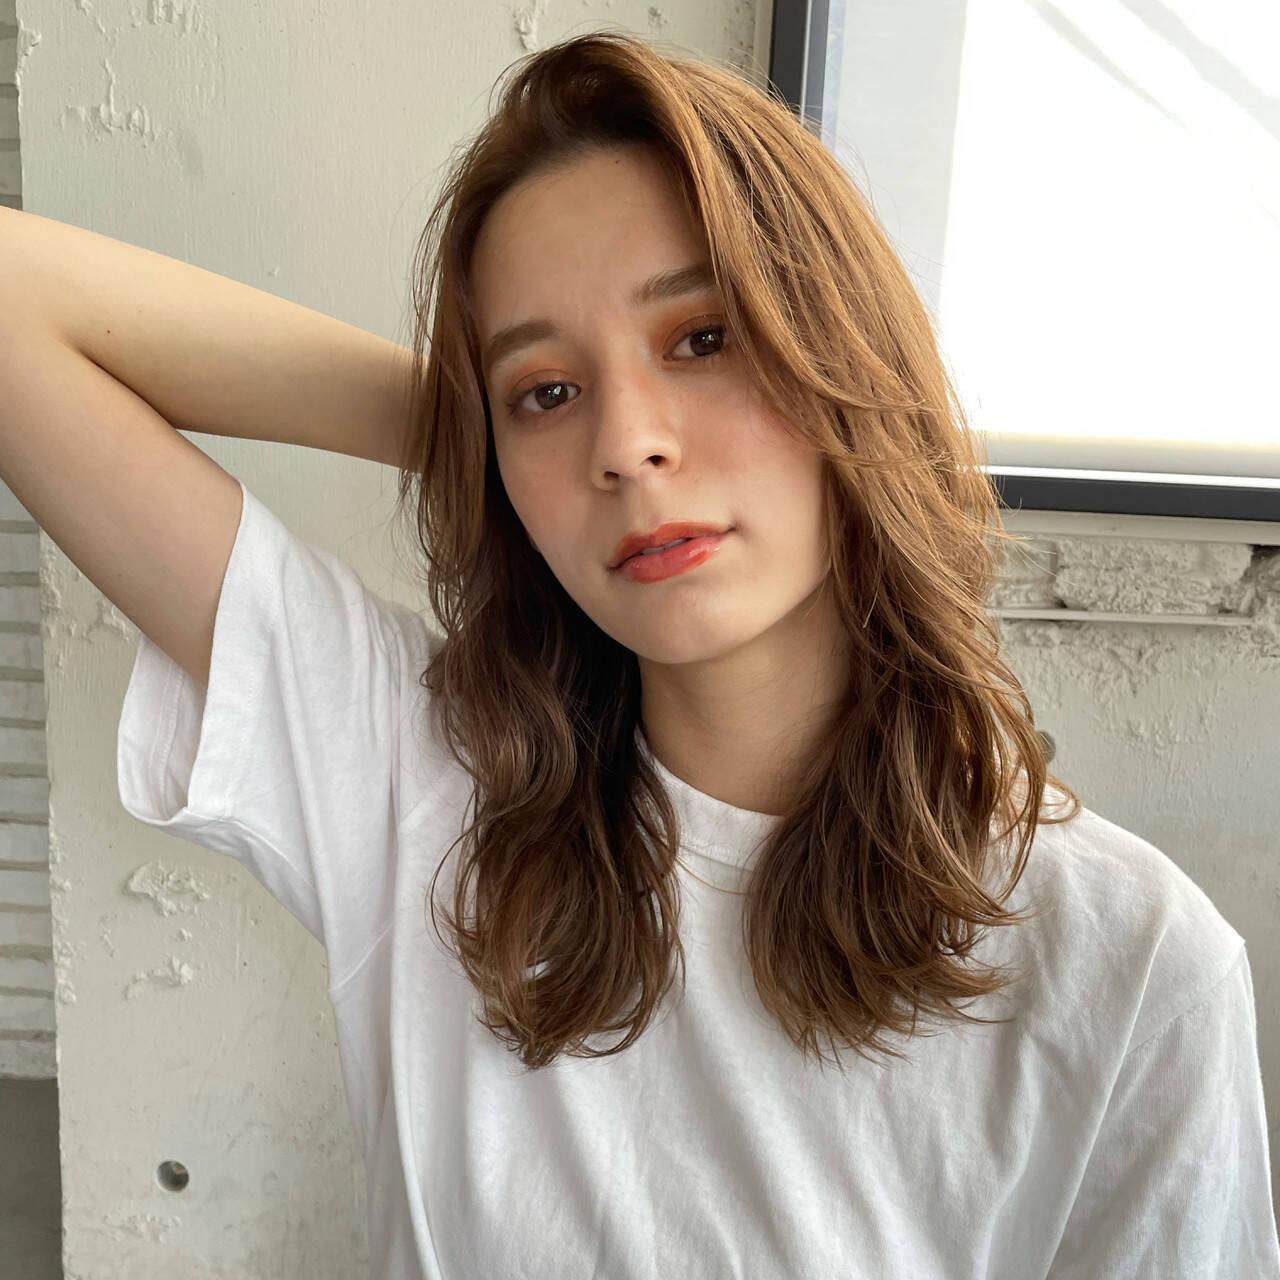 かきあげバング セミロング レイヤー 巻き髪ヘアスタイルや髪型の写真・画像